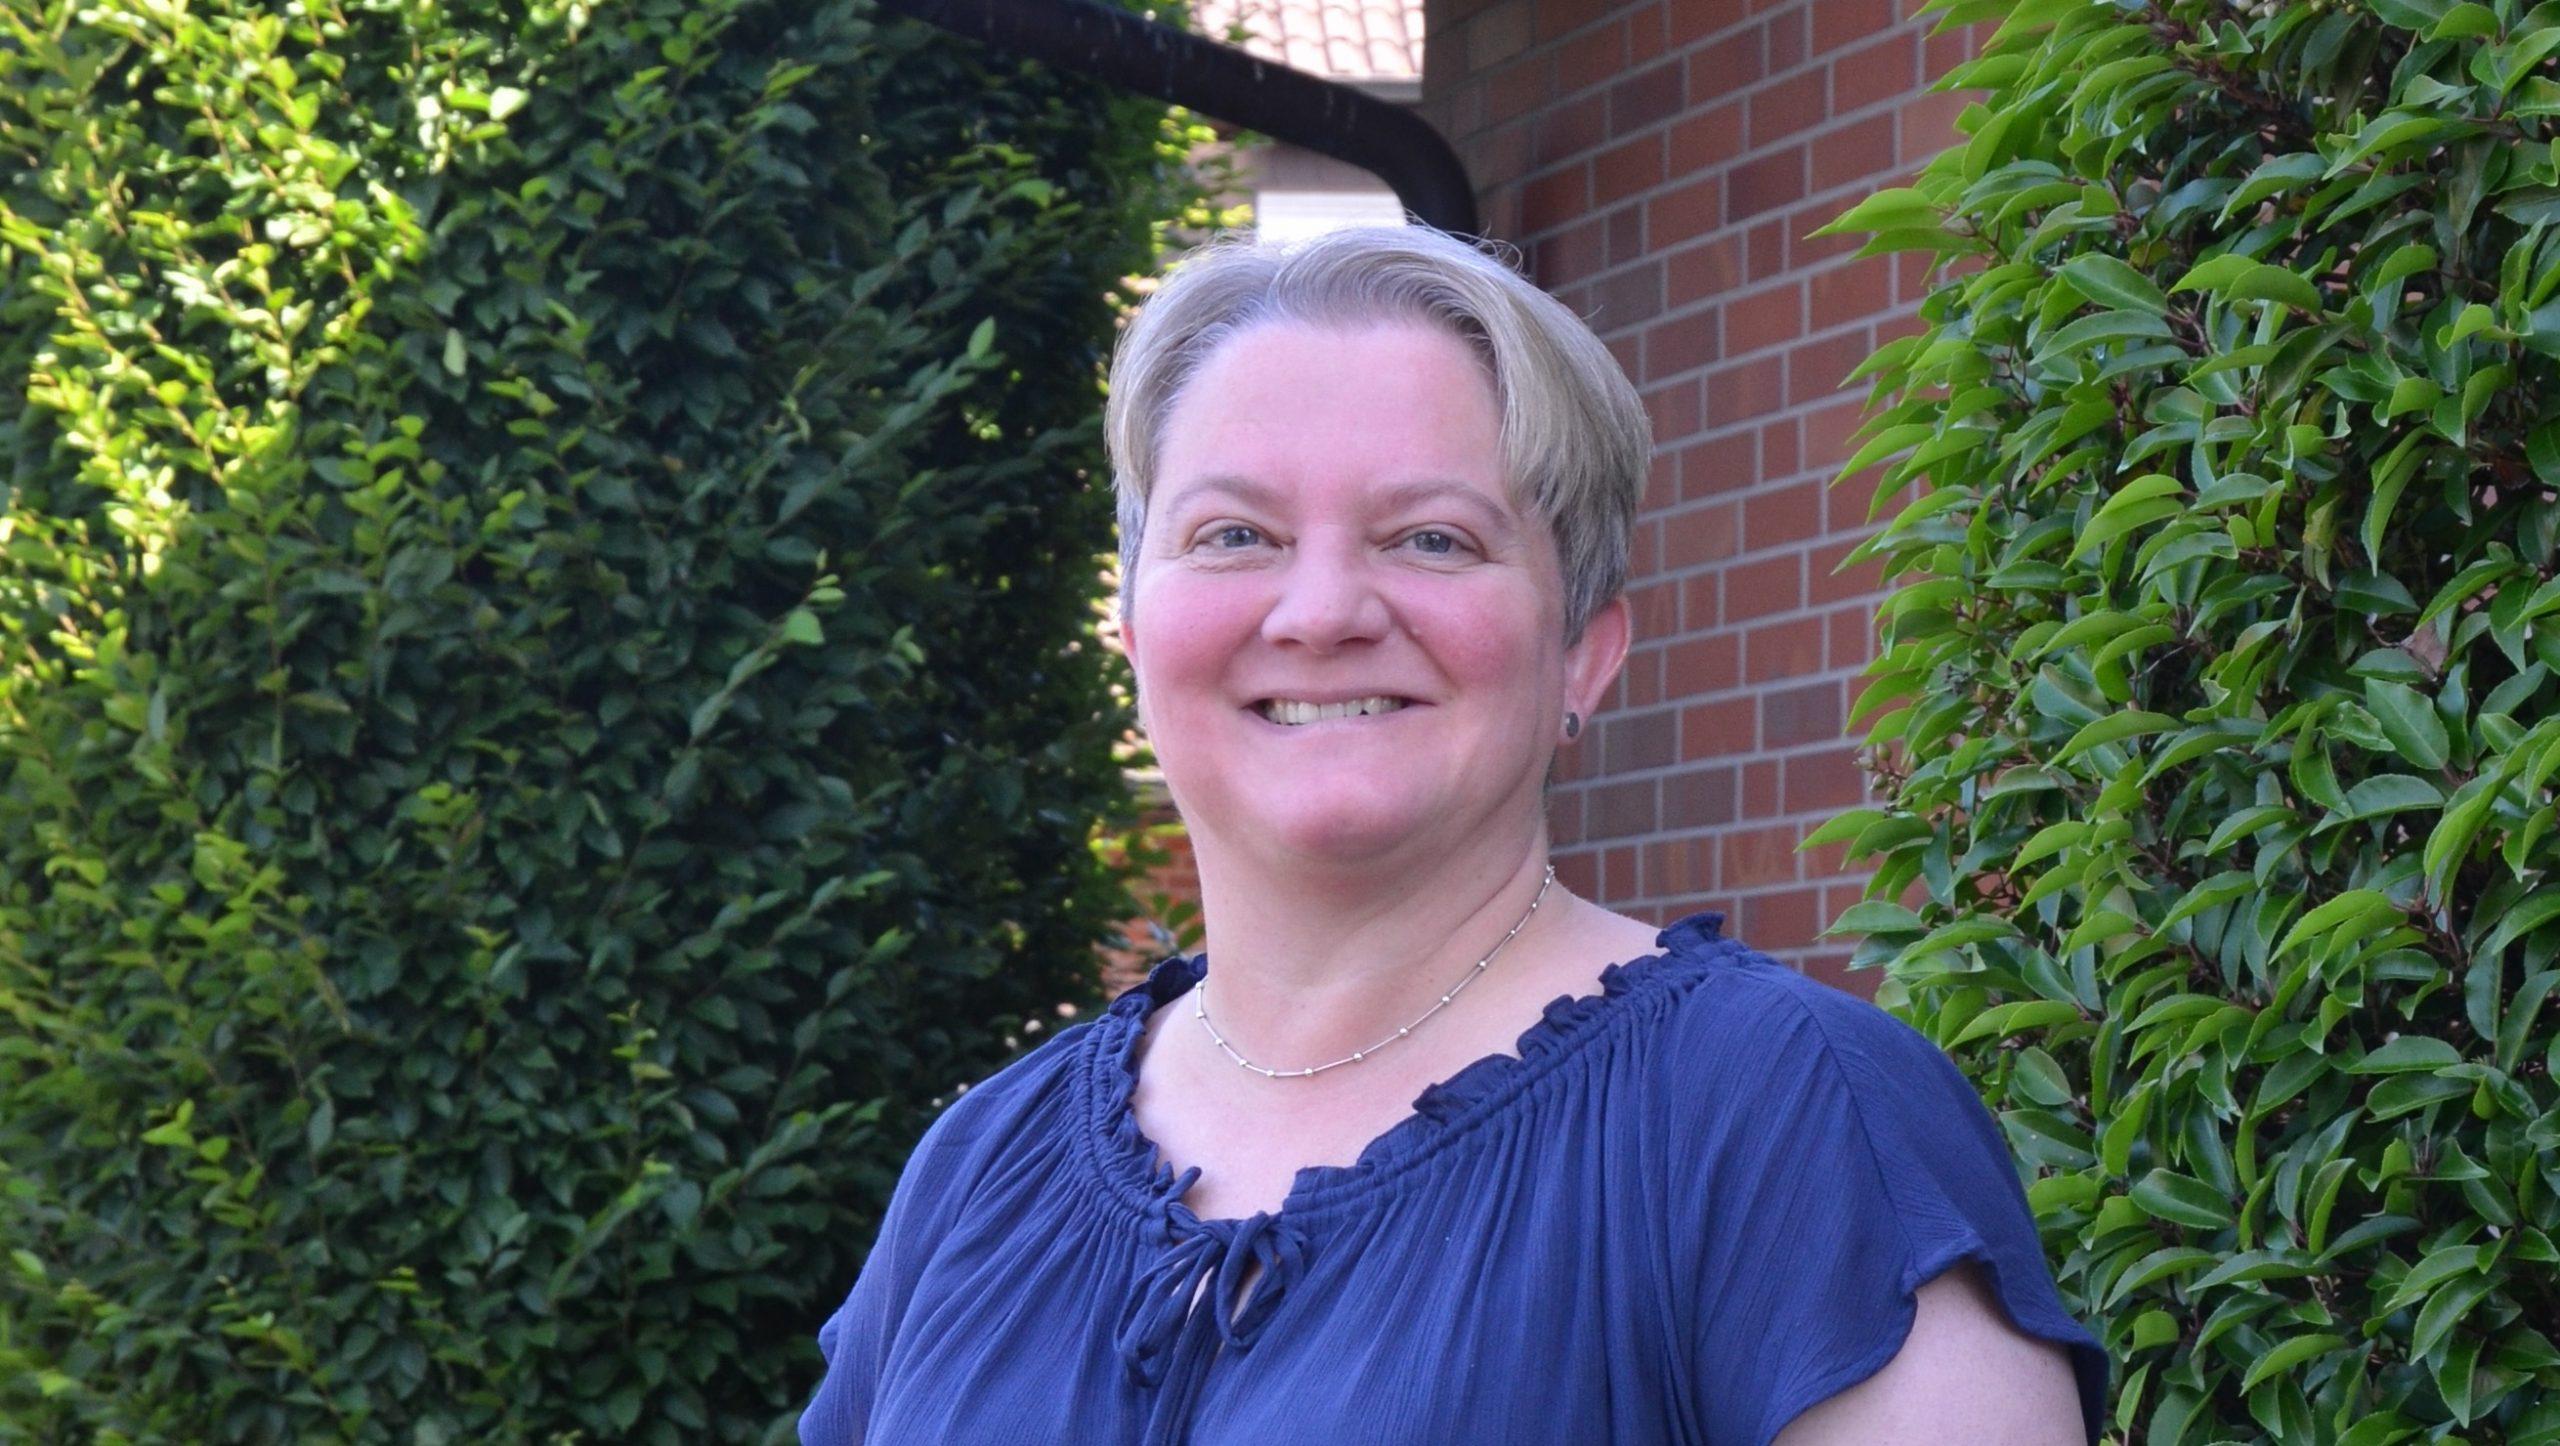 Michaela Schmidt